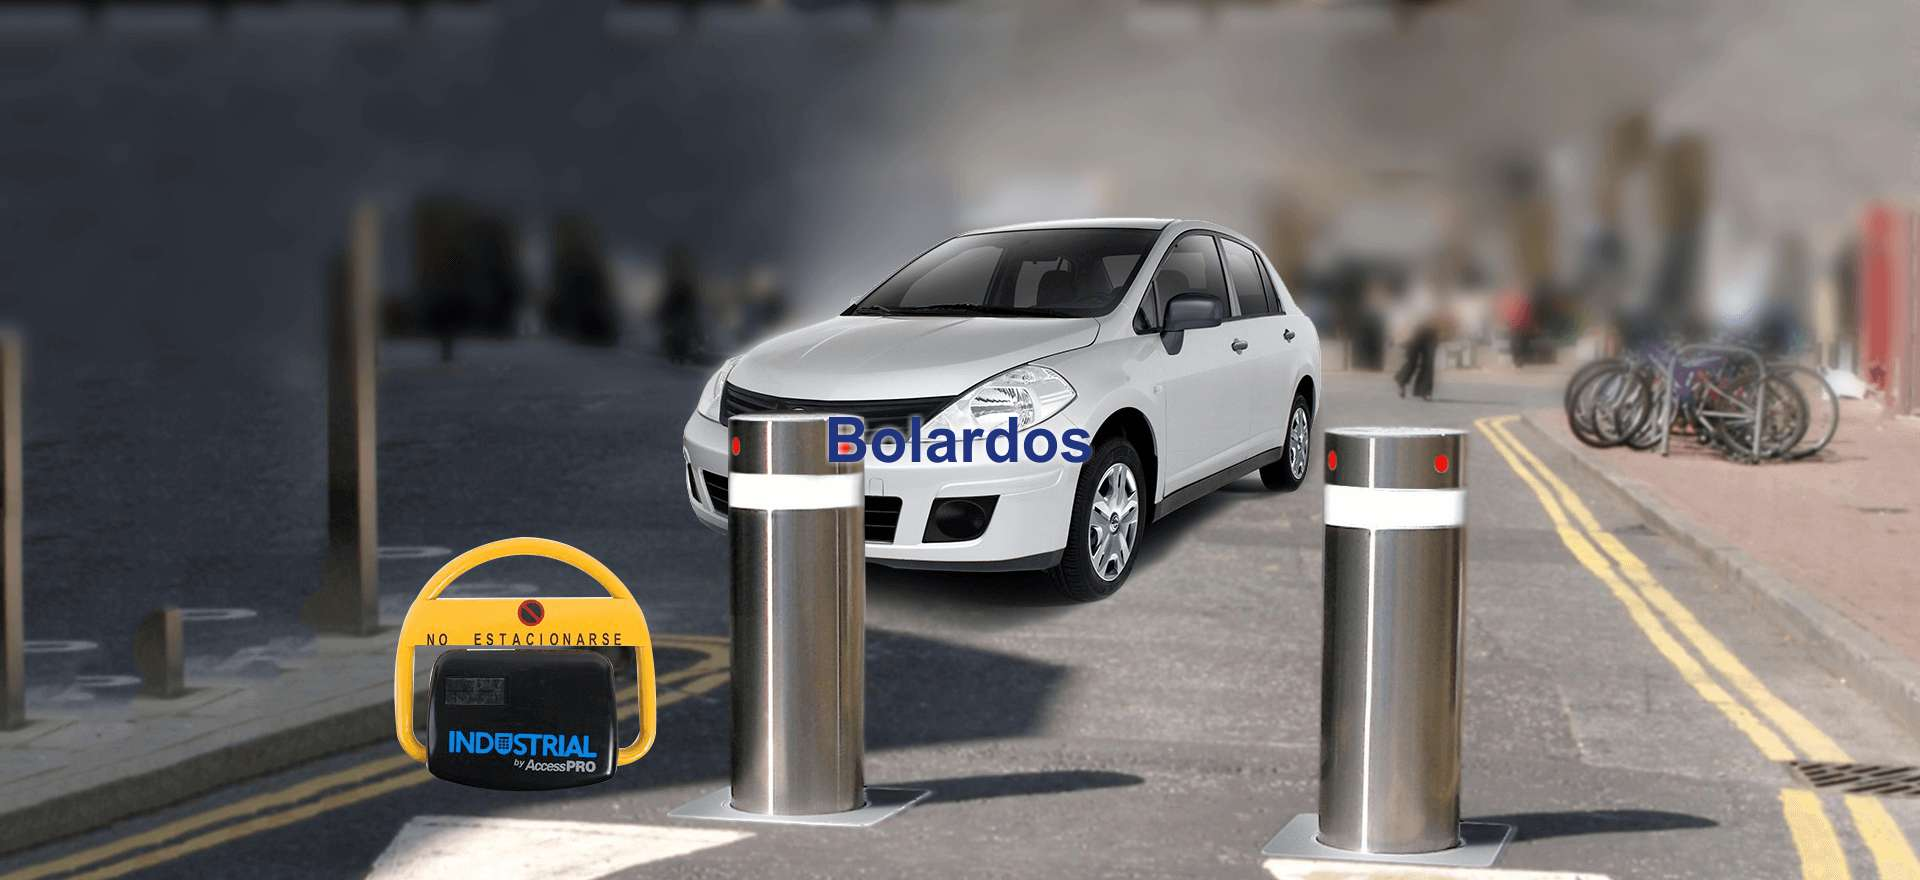 Pilonas y Bolardos Vehiculares en Lázaro Cárdenas, Michoacán e Ixtapa Zihuatanejo, Guerrero